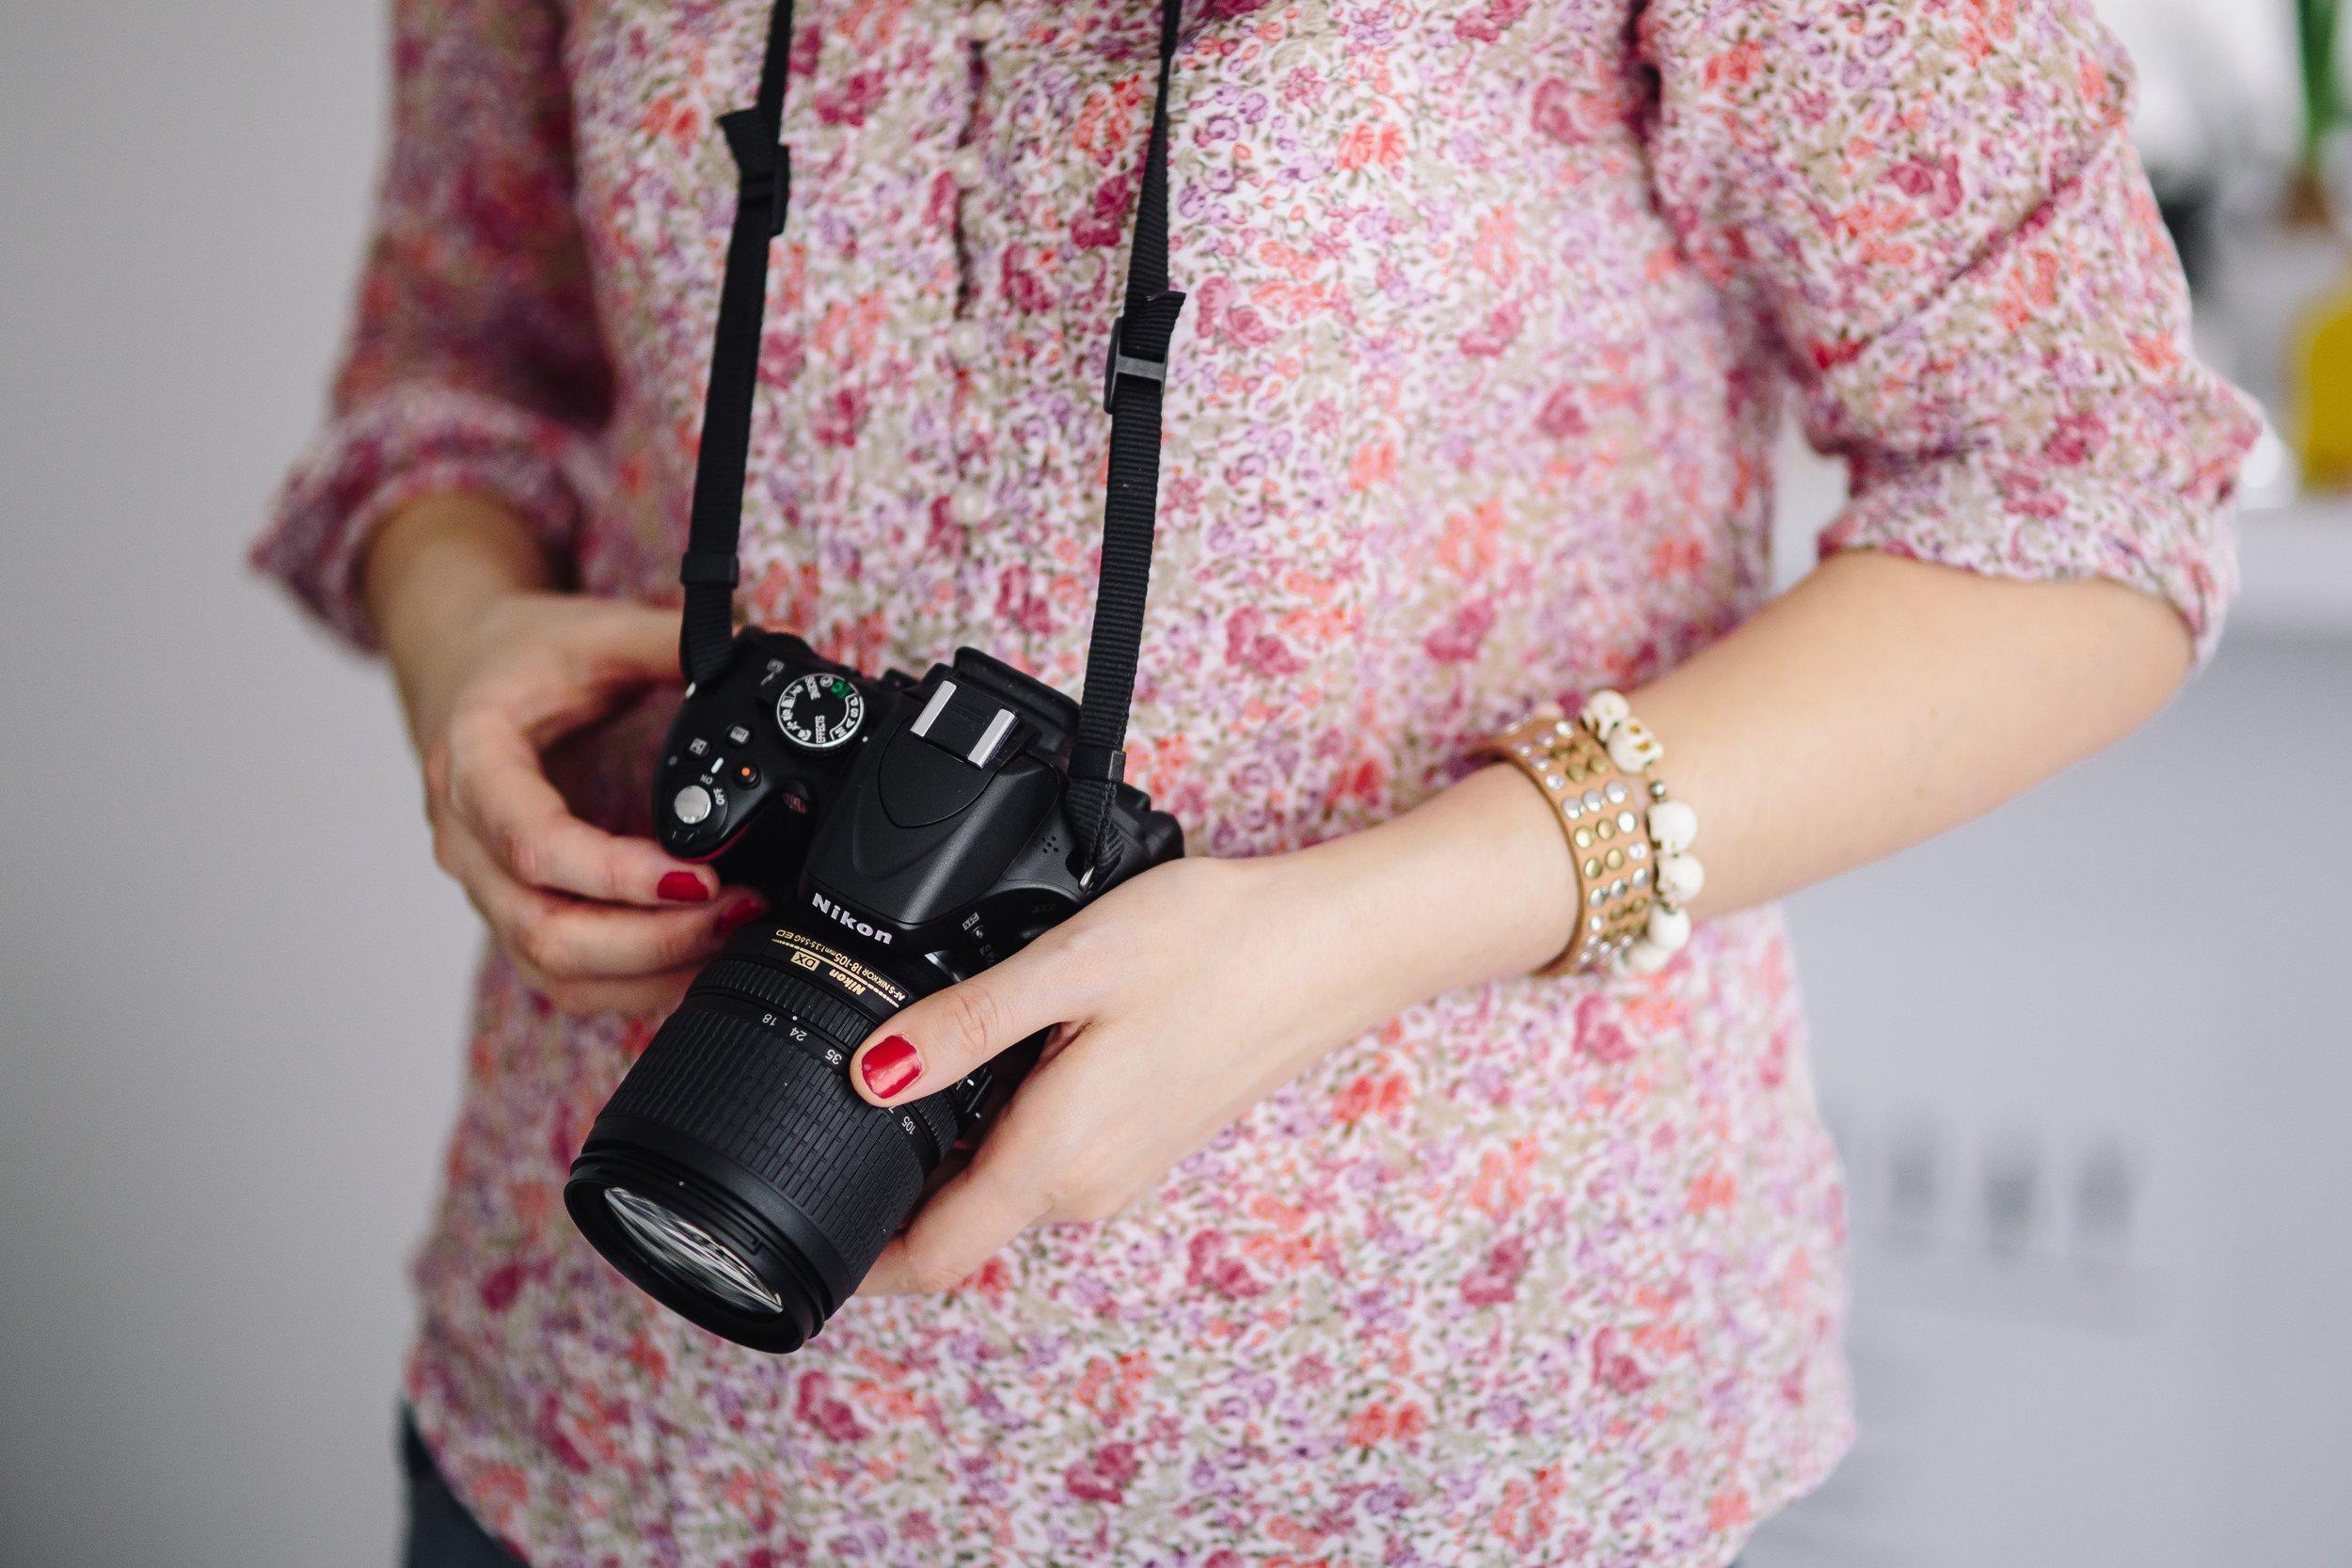 apasdelouves_photographe.jpg